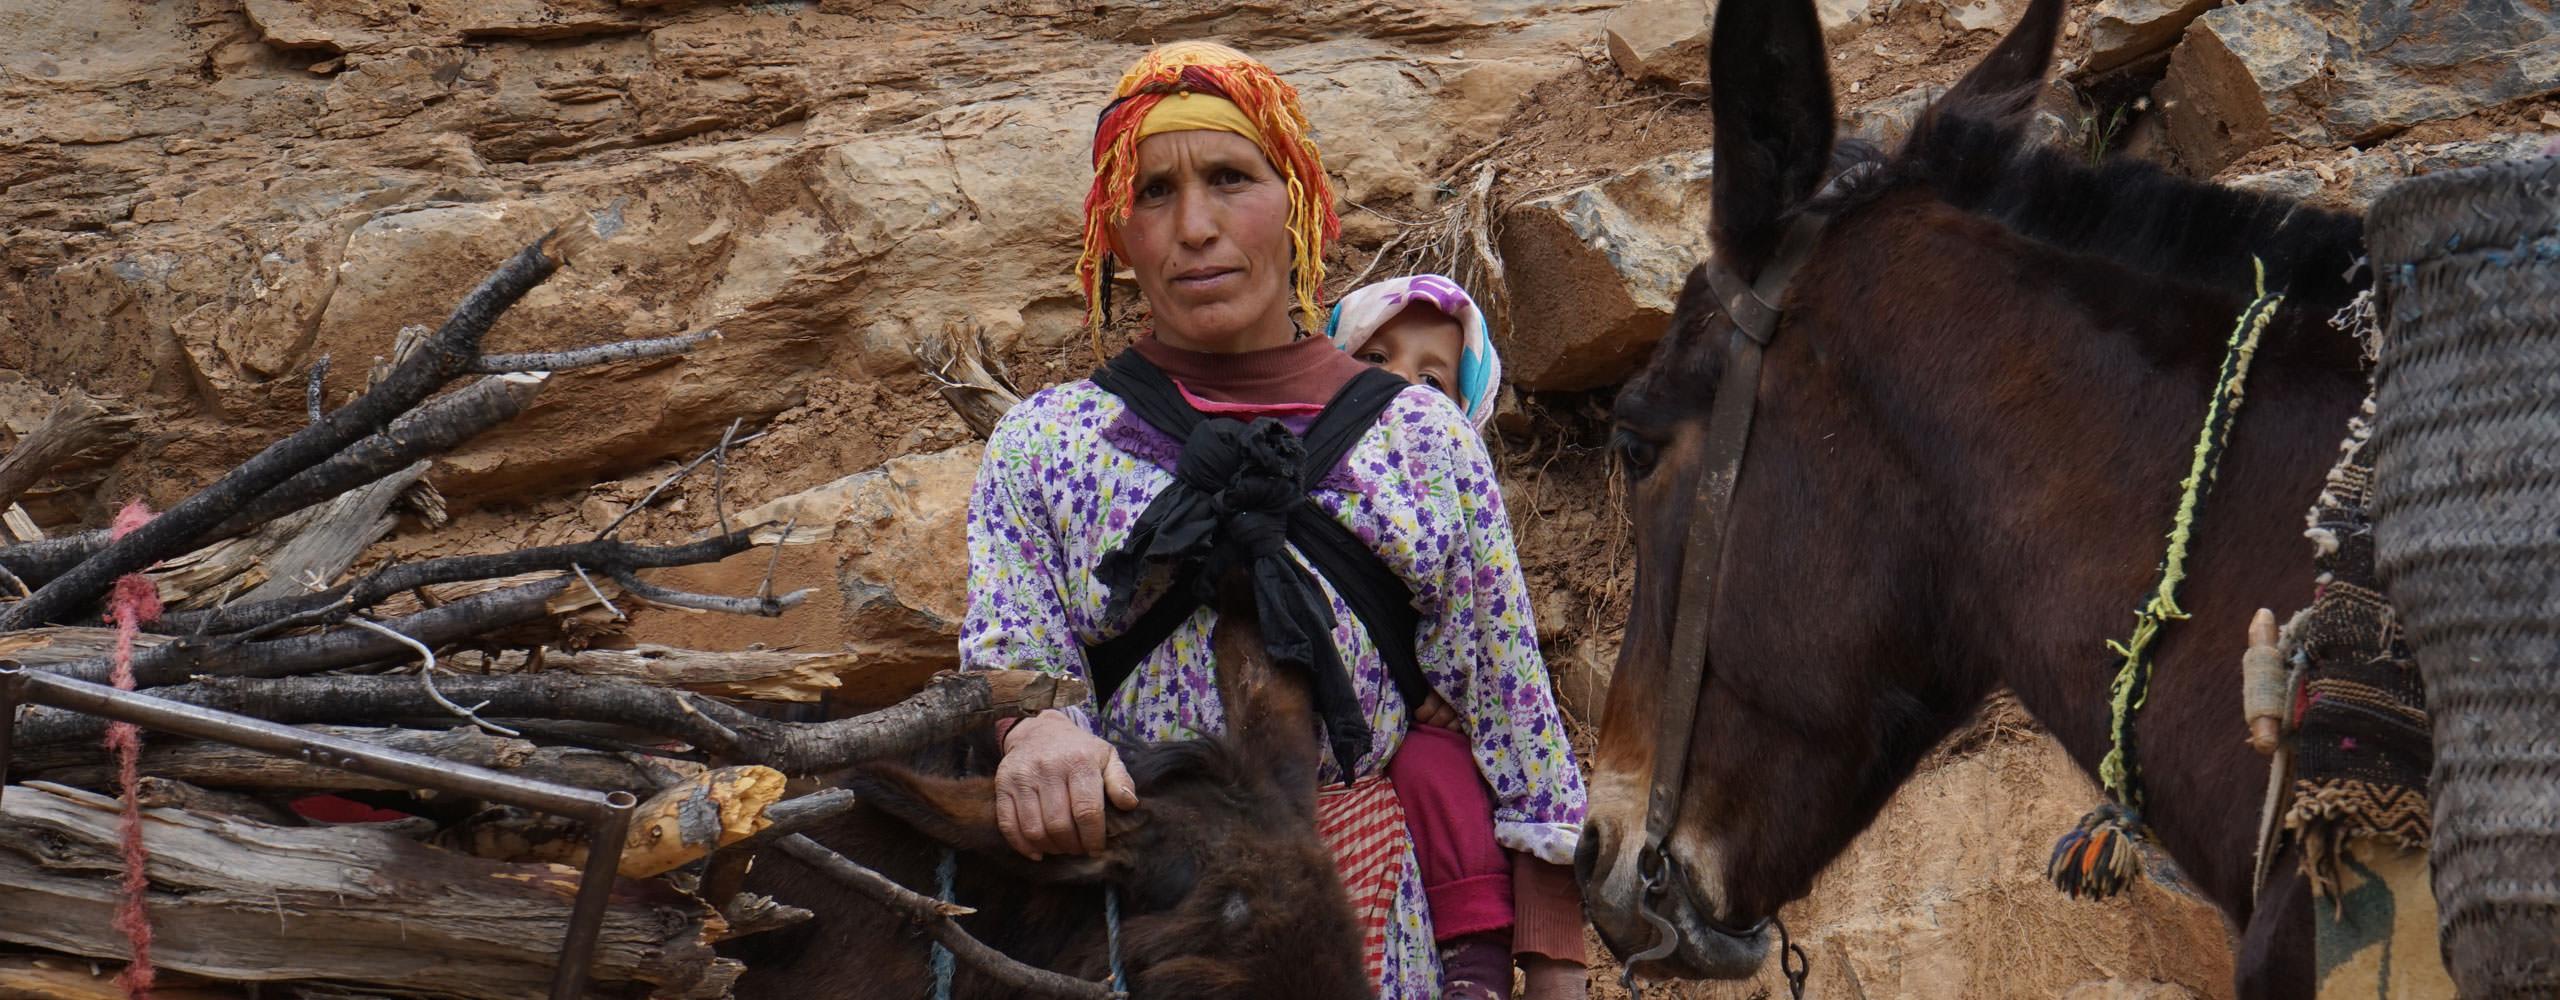 טיולי ג'יפים למרוקו